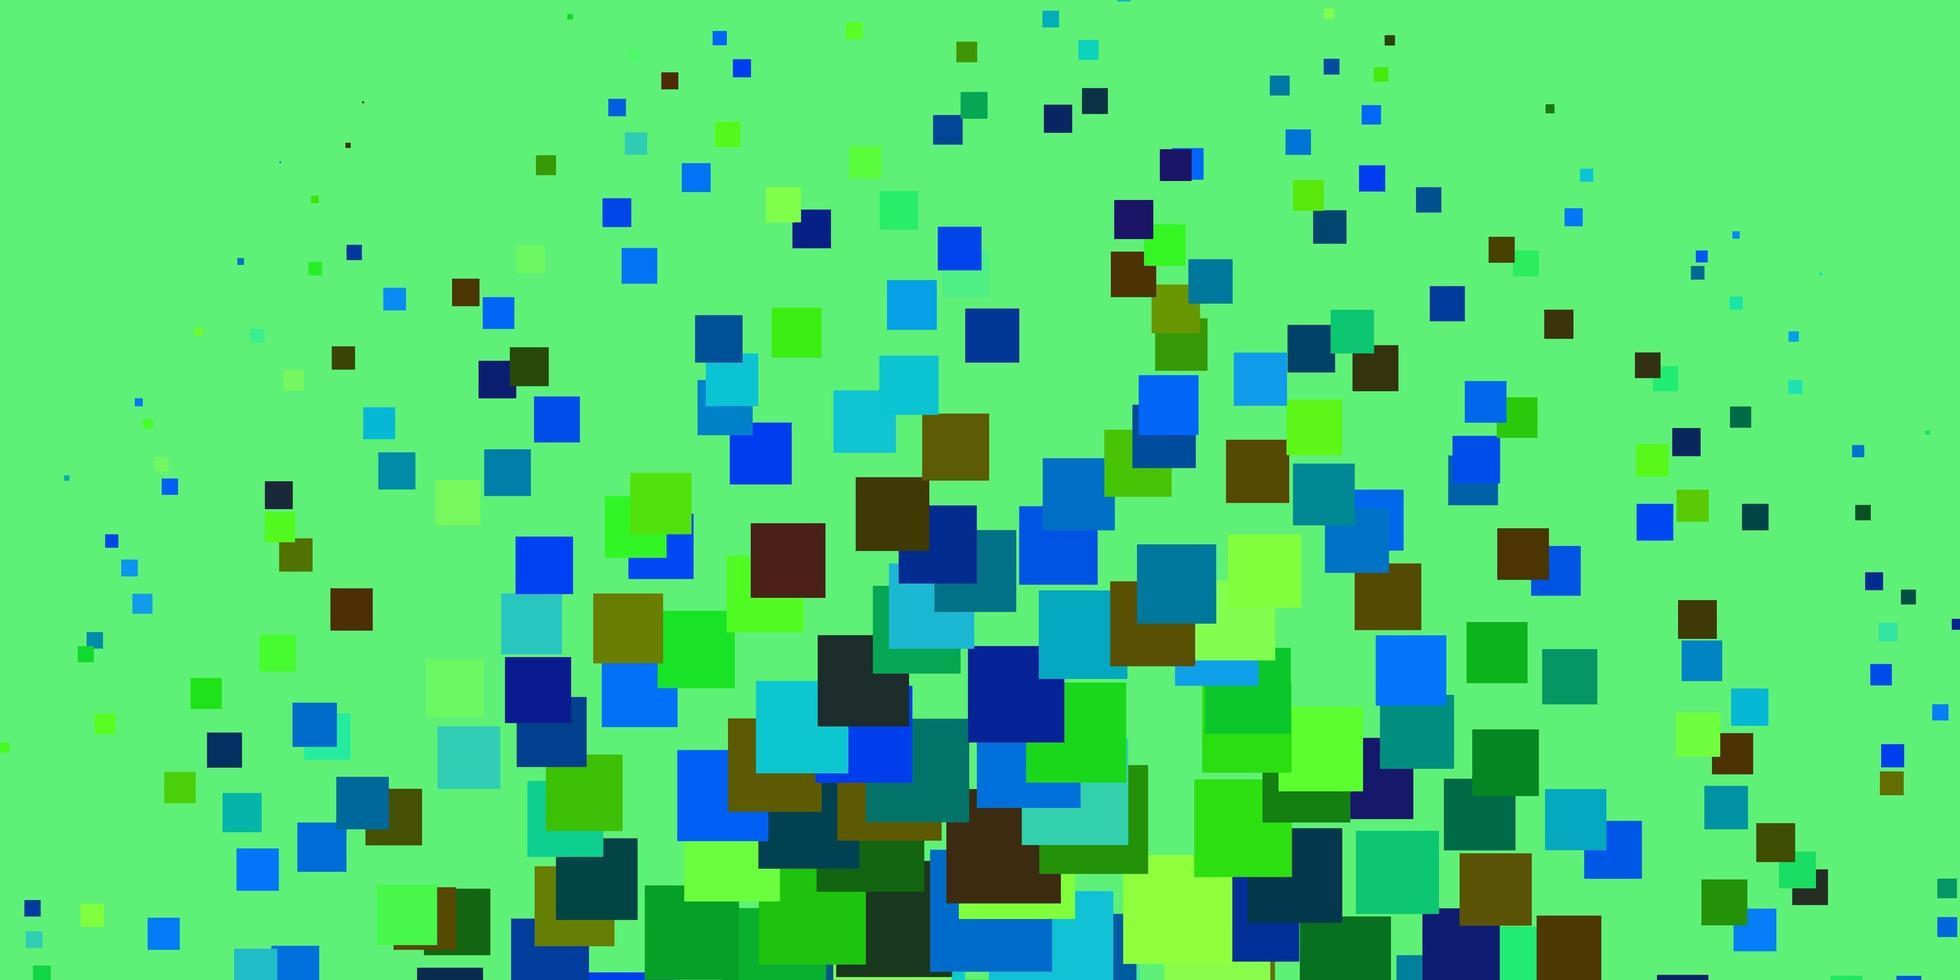 ljus flerfärgad vektorbakgrund med rektanglar. vektor